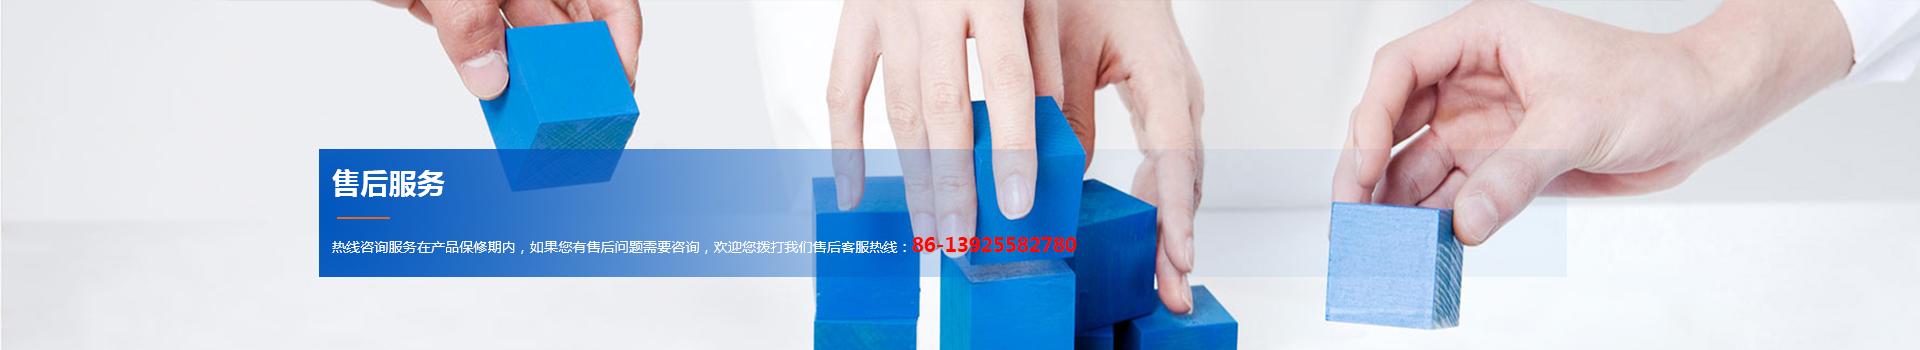 東莞市三昇体育官网自動化科技有限公司